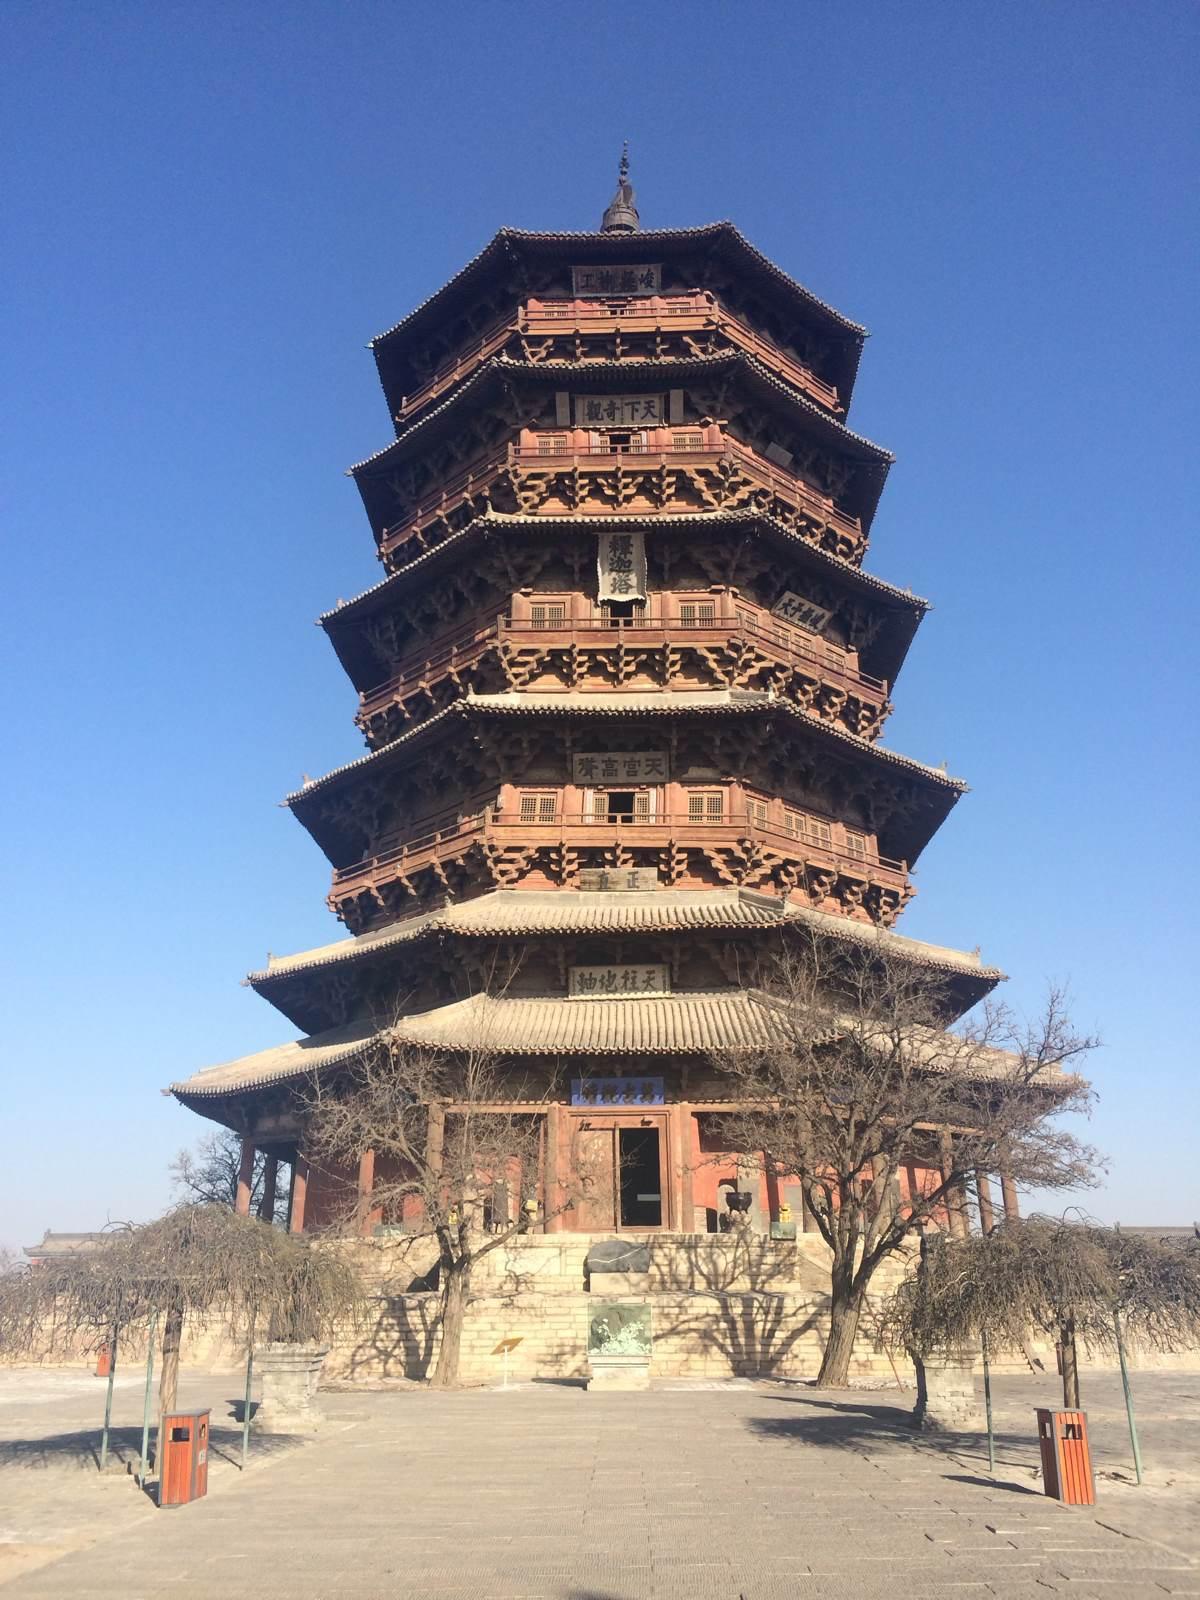 【携程攻略】山西应县木塔景点, 从太原开车大概两个